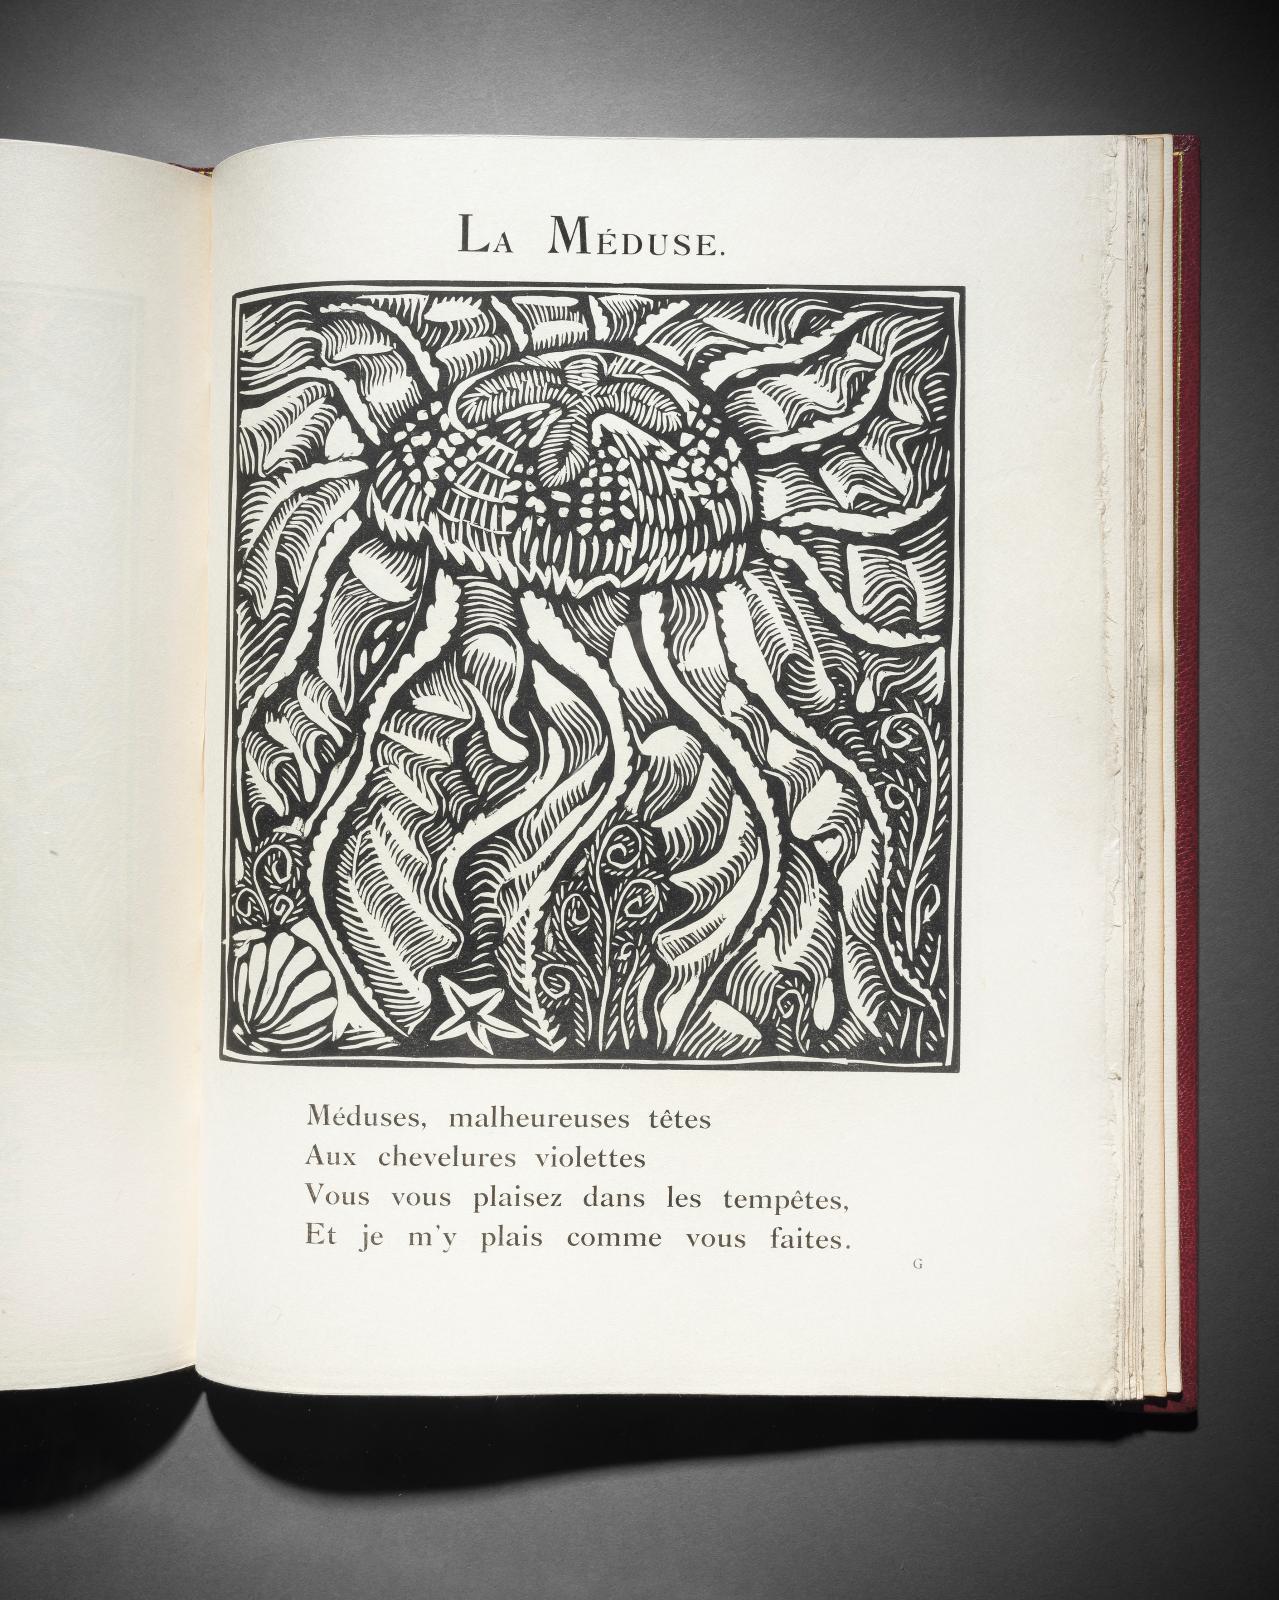 Guillaume Apollinaire(1880-1918), Le Bestiaire ou Cortège d'Orphée, Paris, Deplanche, 1911, édition originale illustrée de trente-huitbo